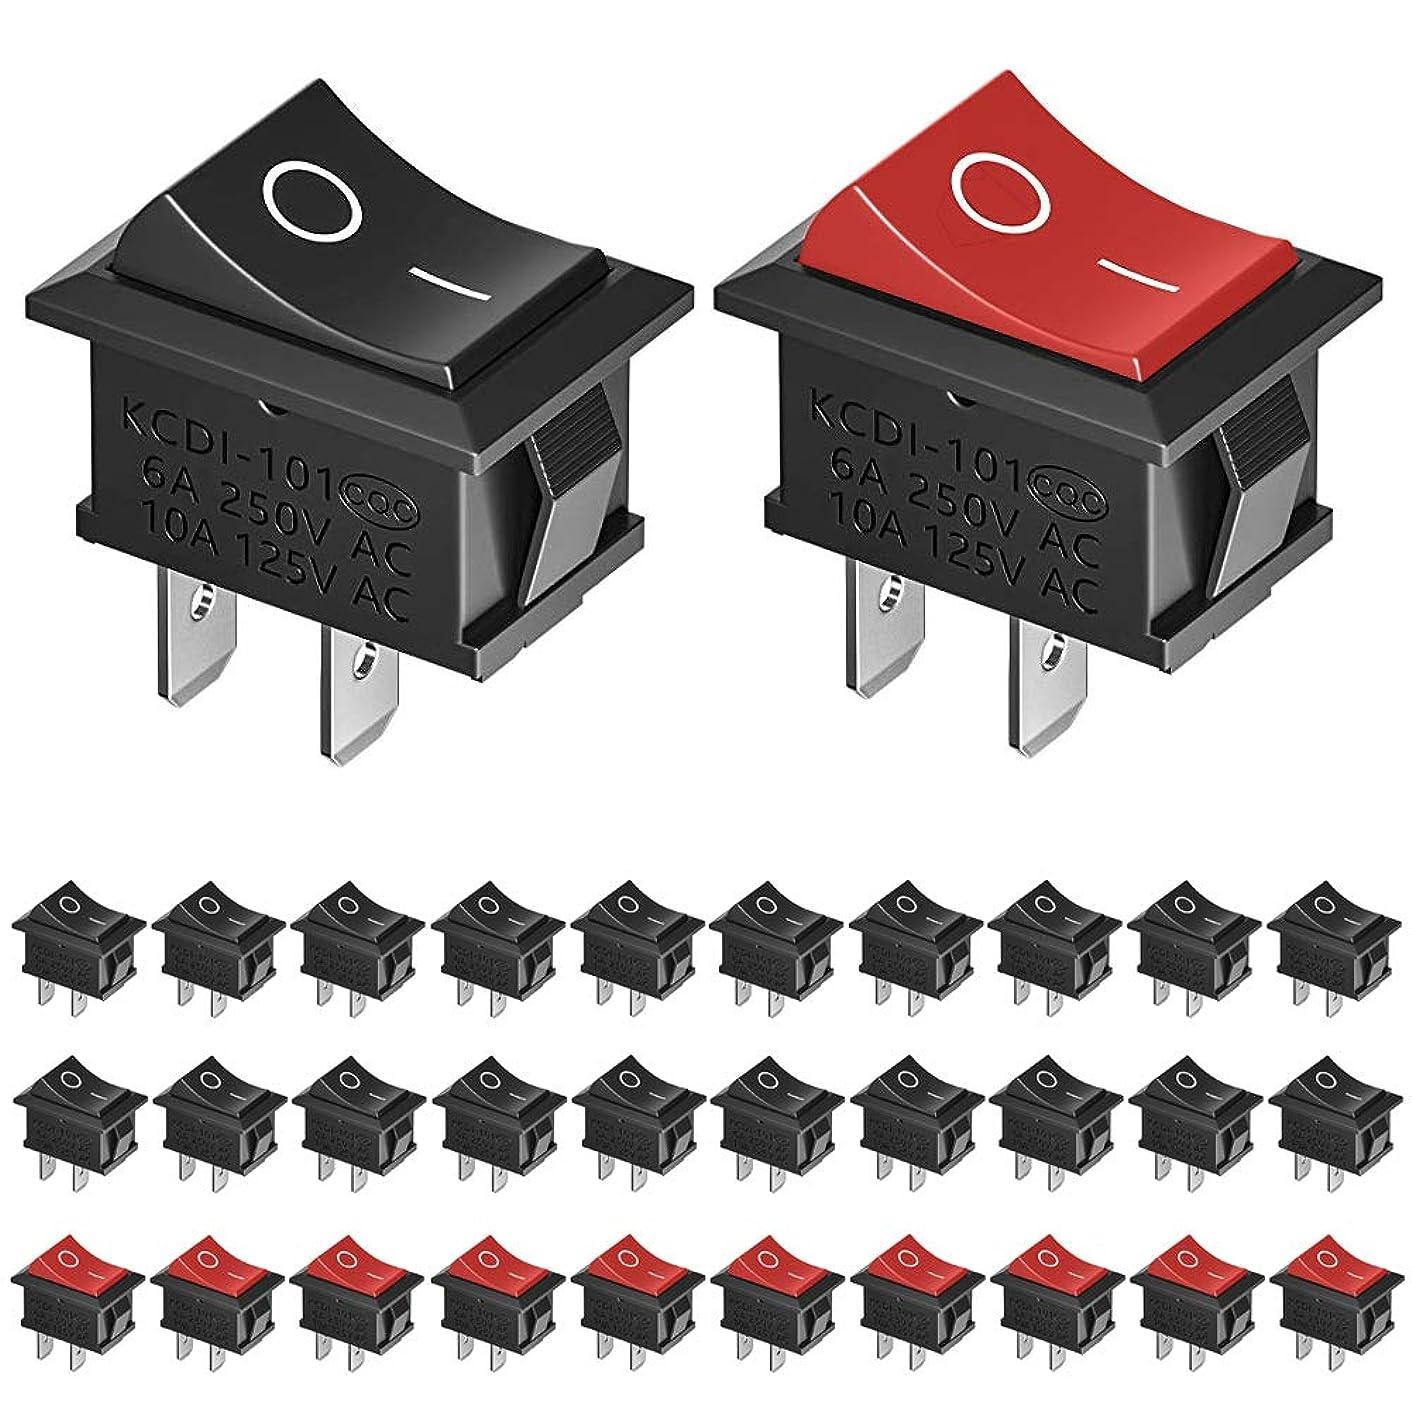 イソギンチャク誘導大胆KeeYees ロッカースイッチ 長角型 SPST オン/オフ AC 6A/250V 10A/125V 2P I/O 赤10個 黒20個 合計30個入り